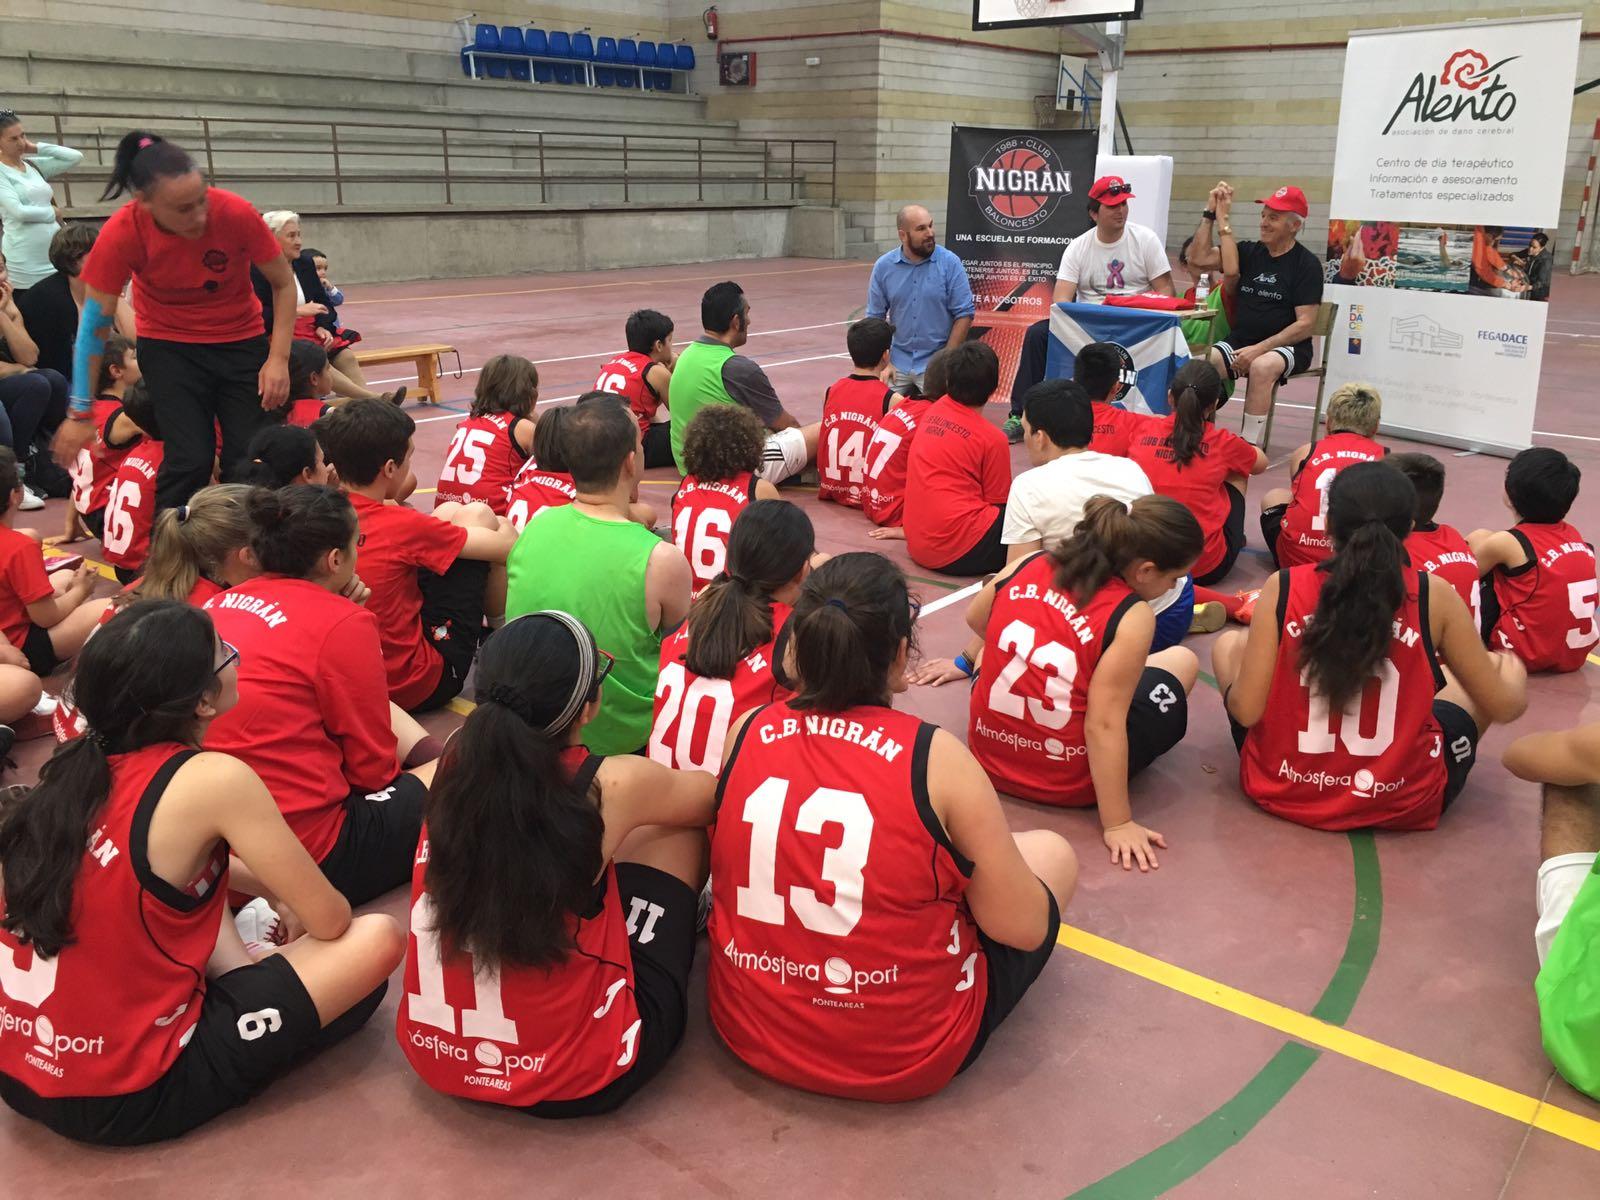 ALENTO compartiendo Cancha con el Club de Baloncesto Nigrán